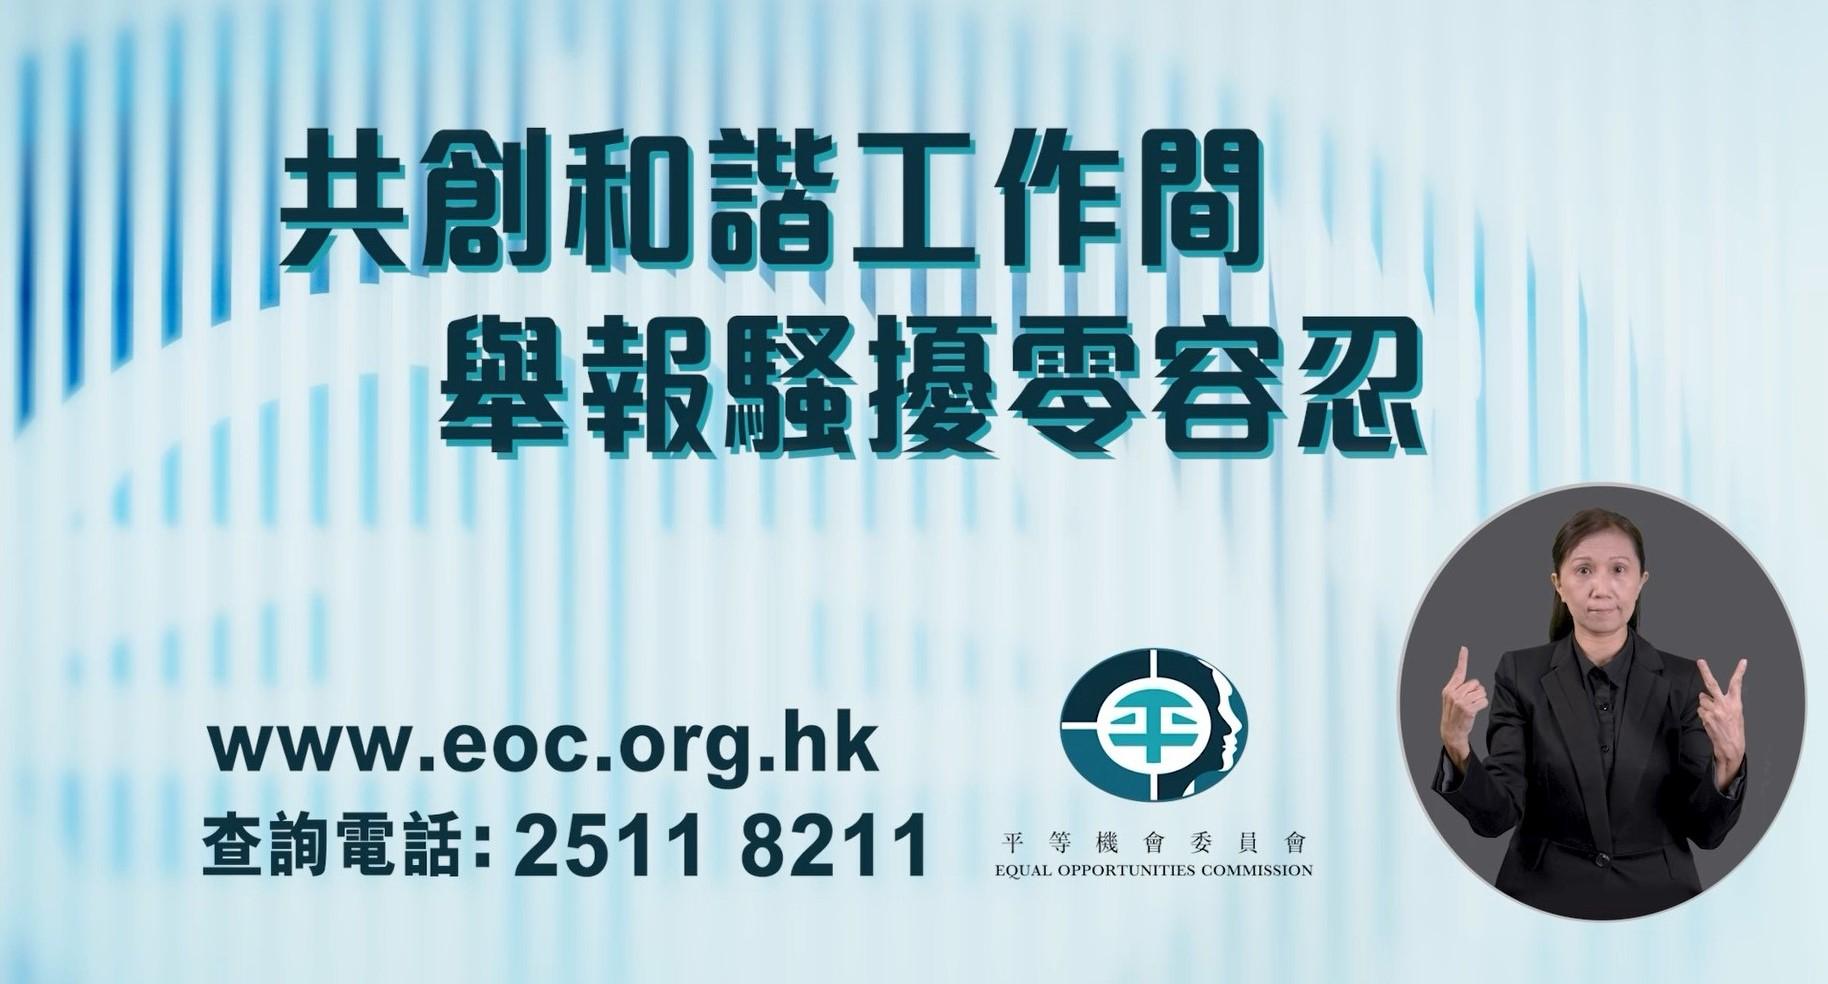 共同工作場所使用者免受騷擾的保障 (Chinese only)